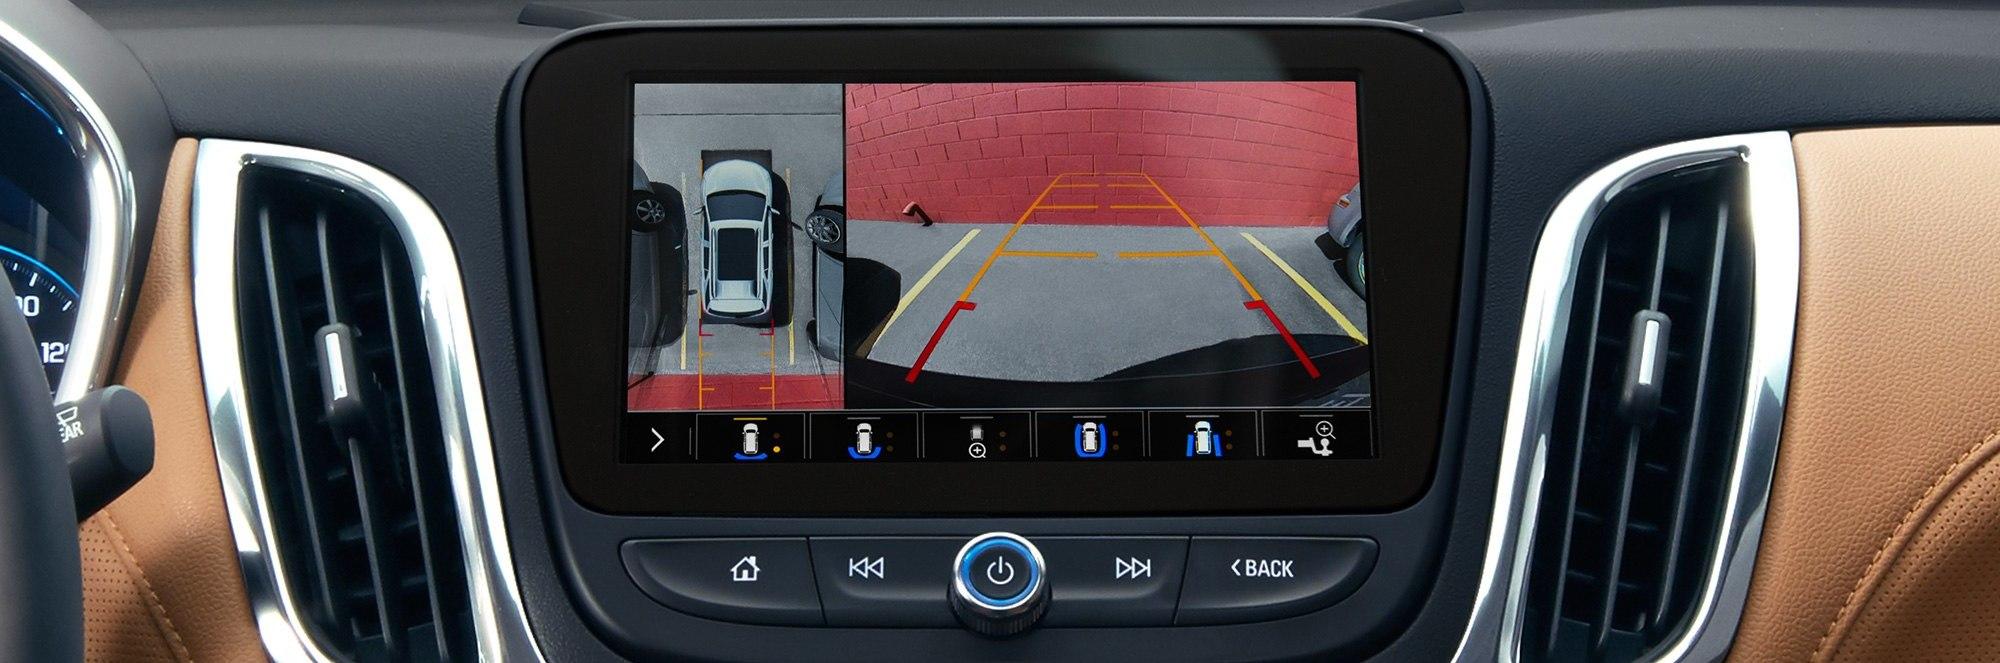 2020 Equinox Rear Vision Camera